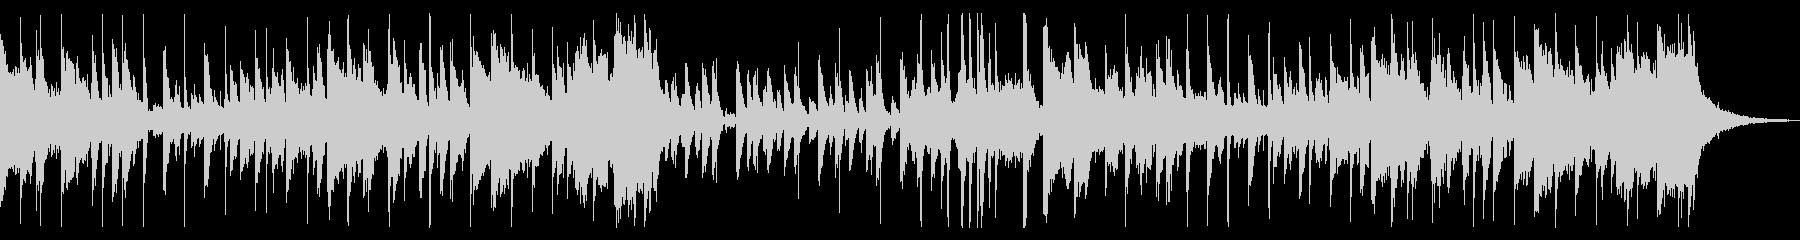 アフリカボーイ昭和音楽 03の未再生の波形